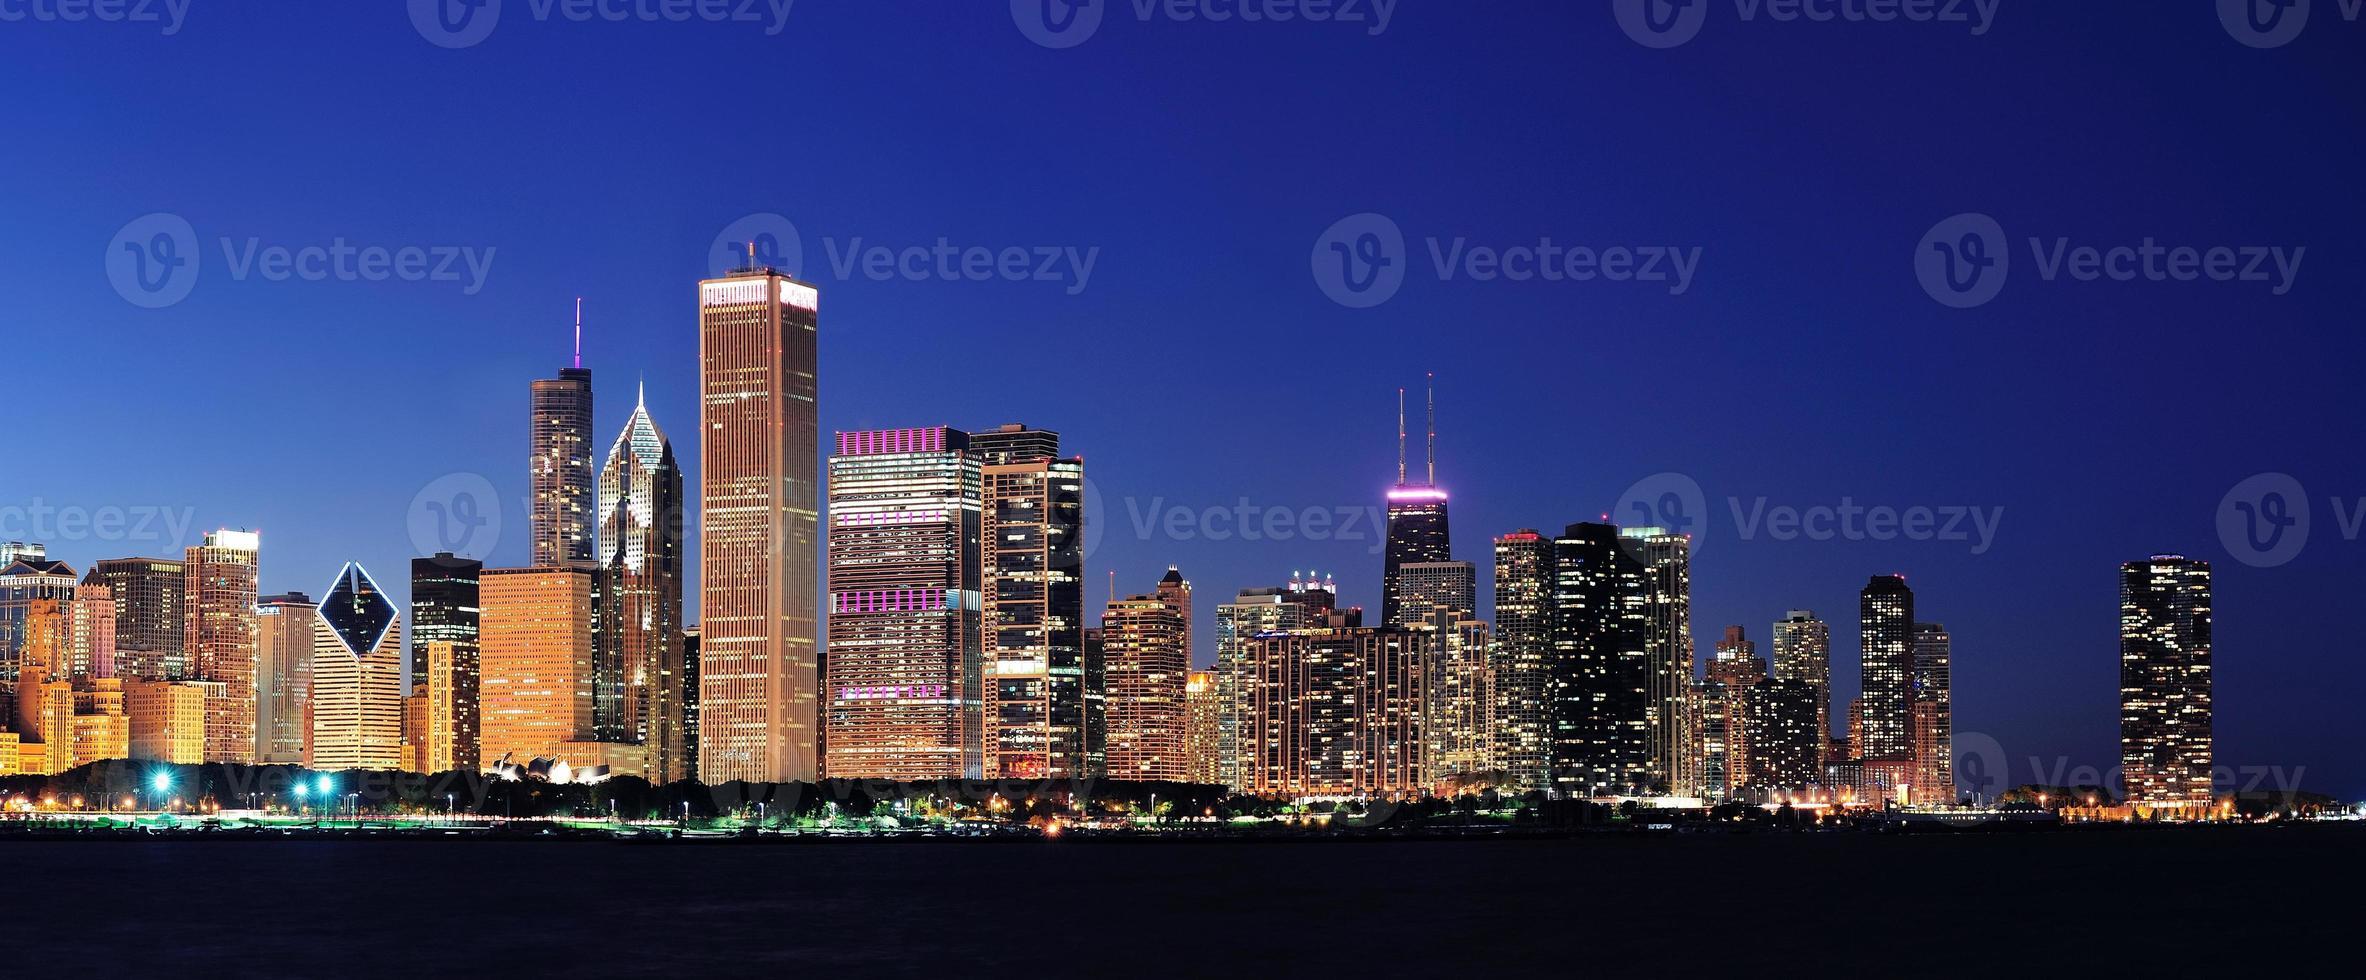 Chicago nacht panorama foto